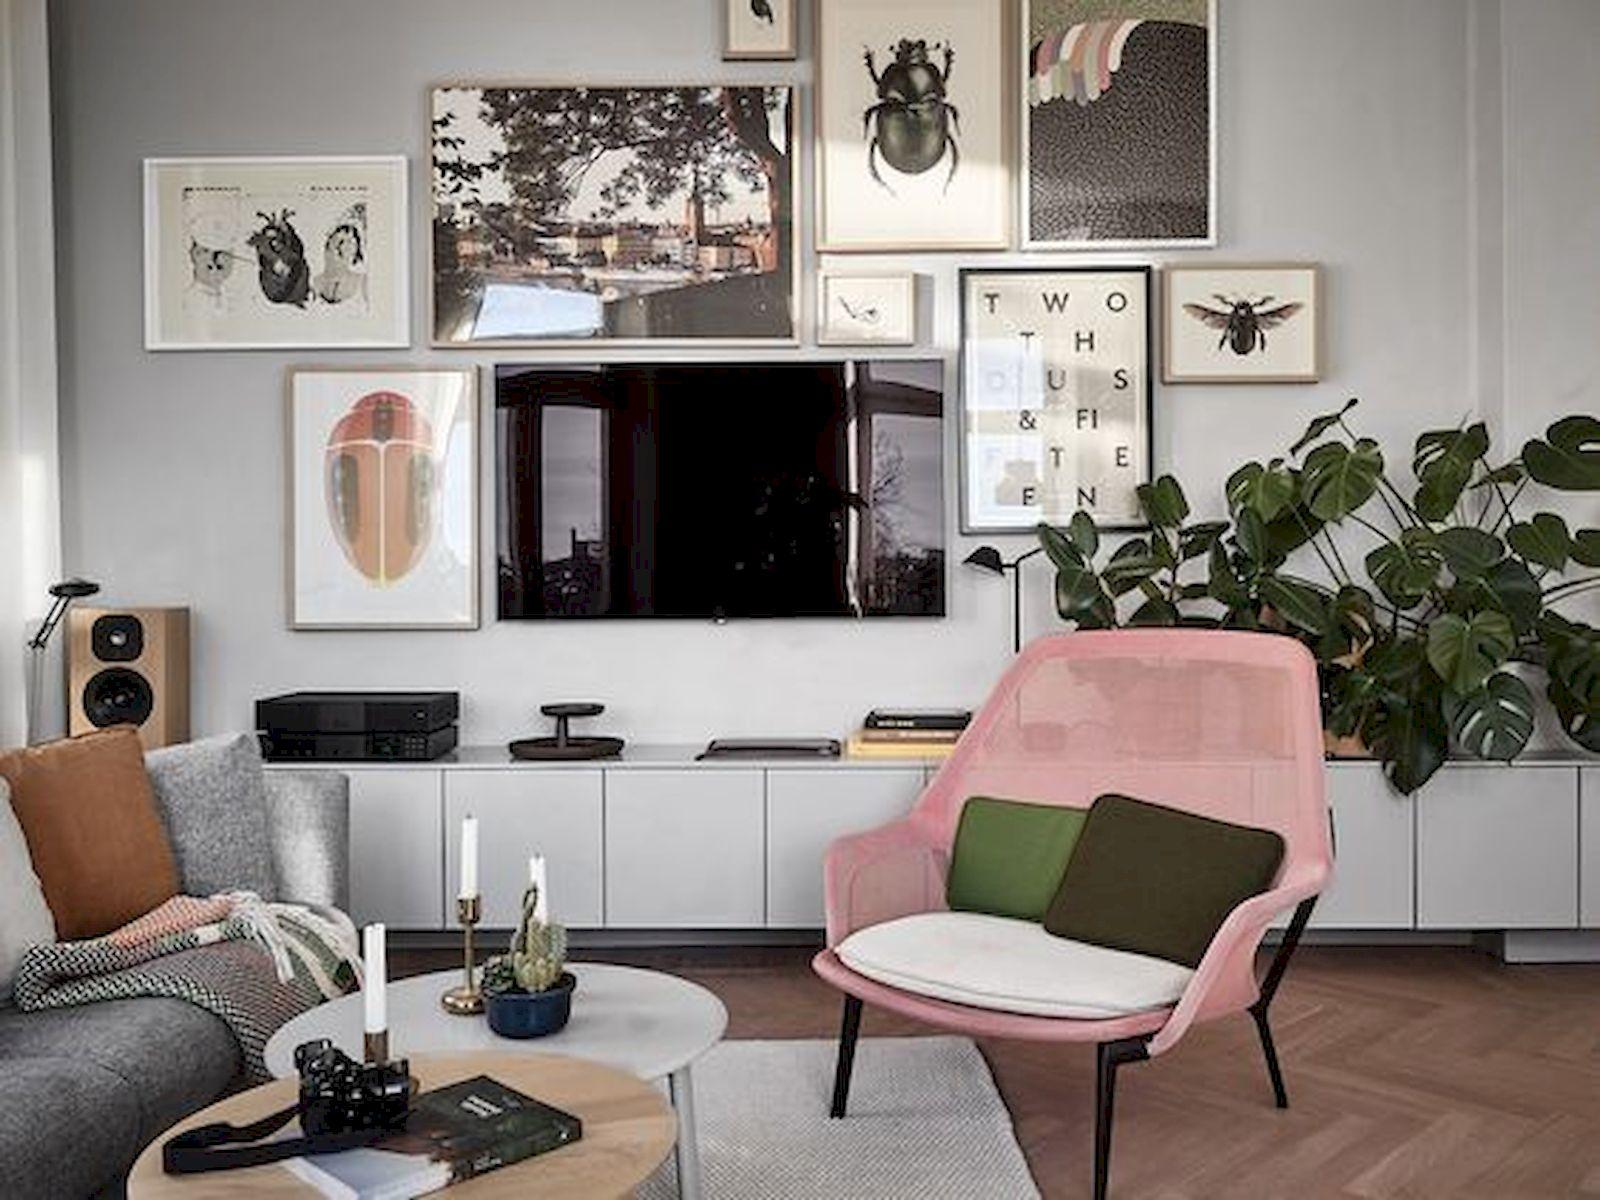 طراحی دکوراسیون داخلی خانه با متراژ کم